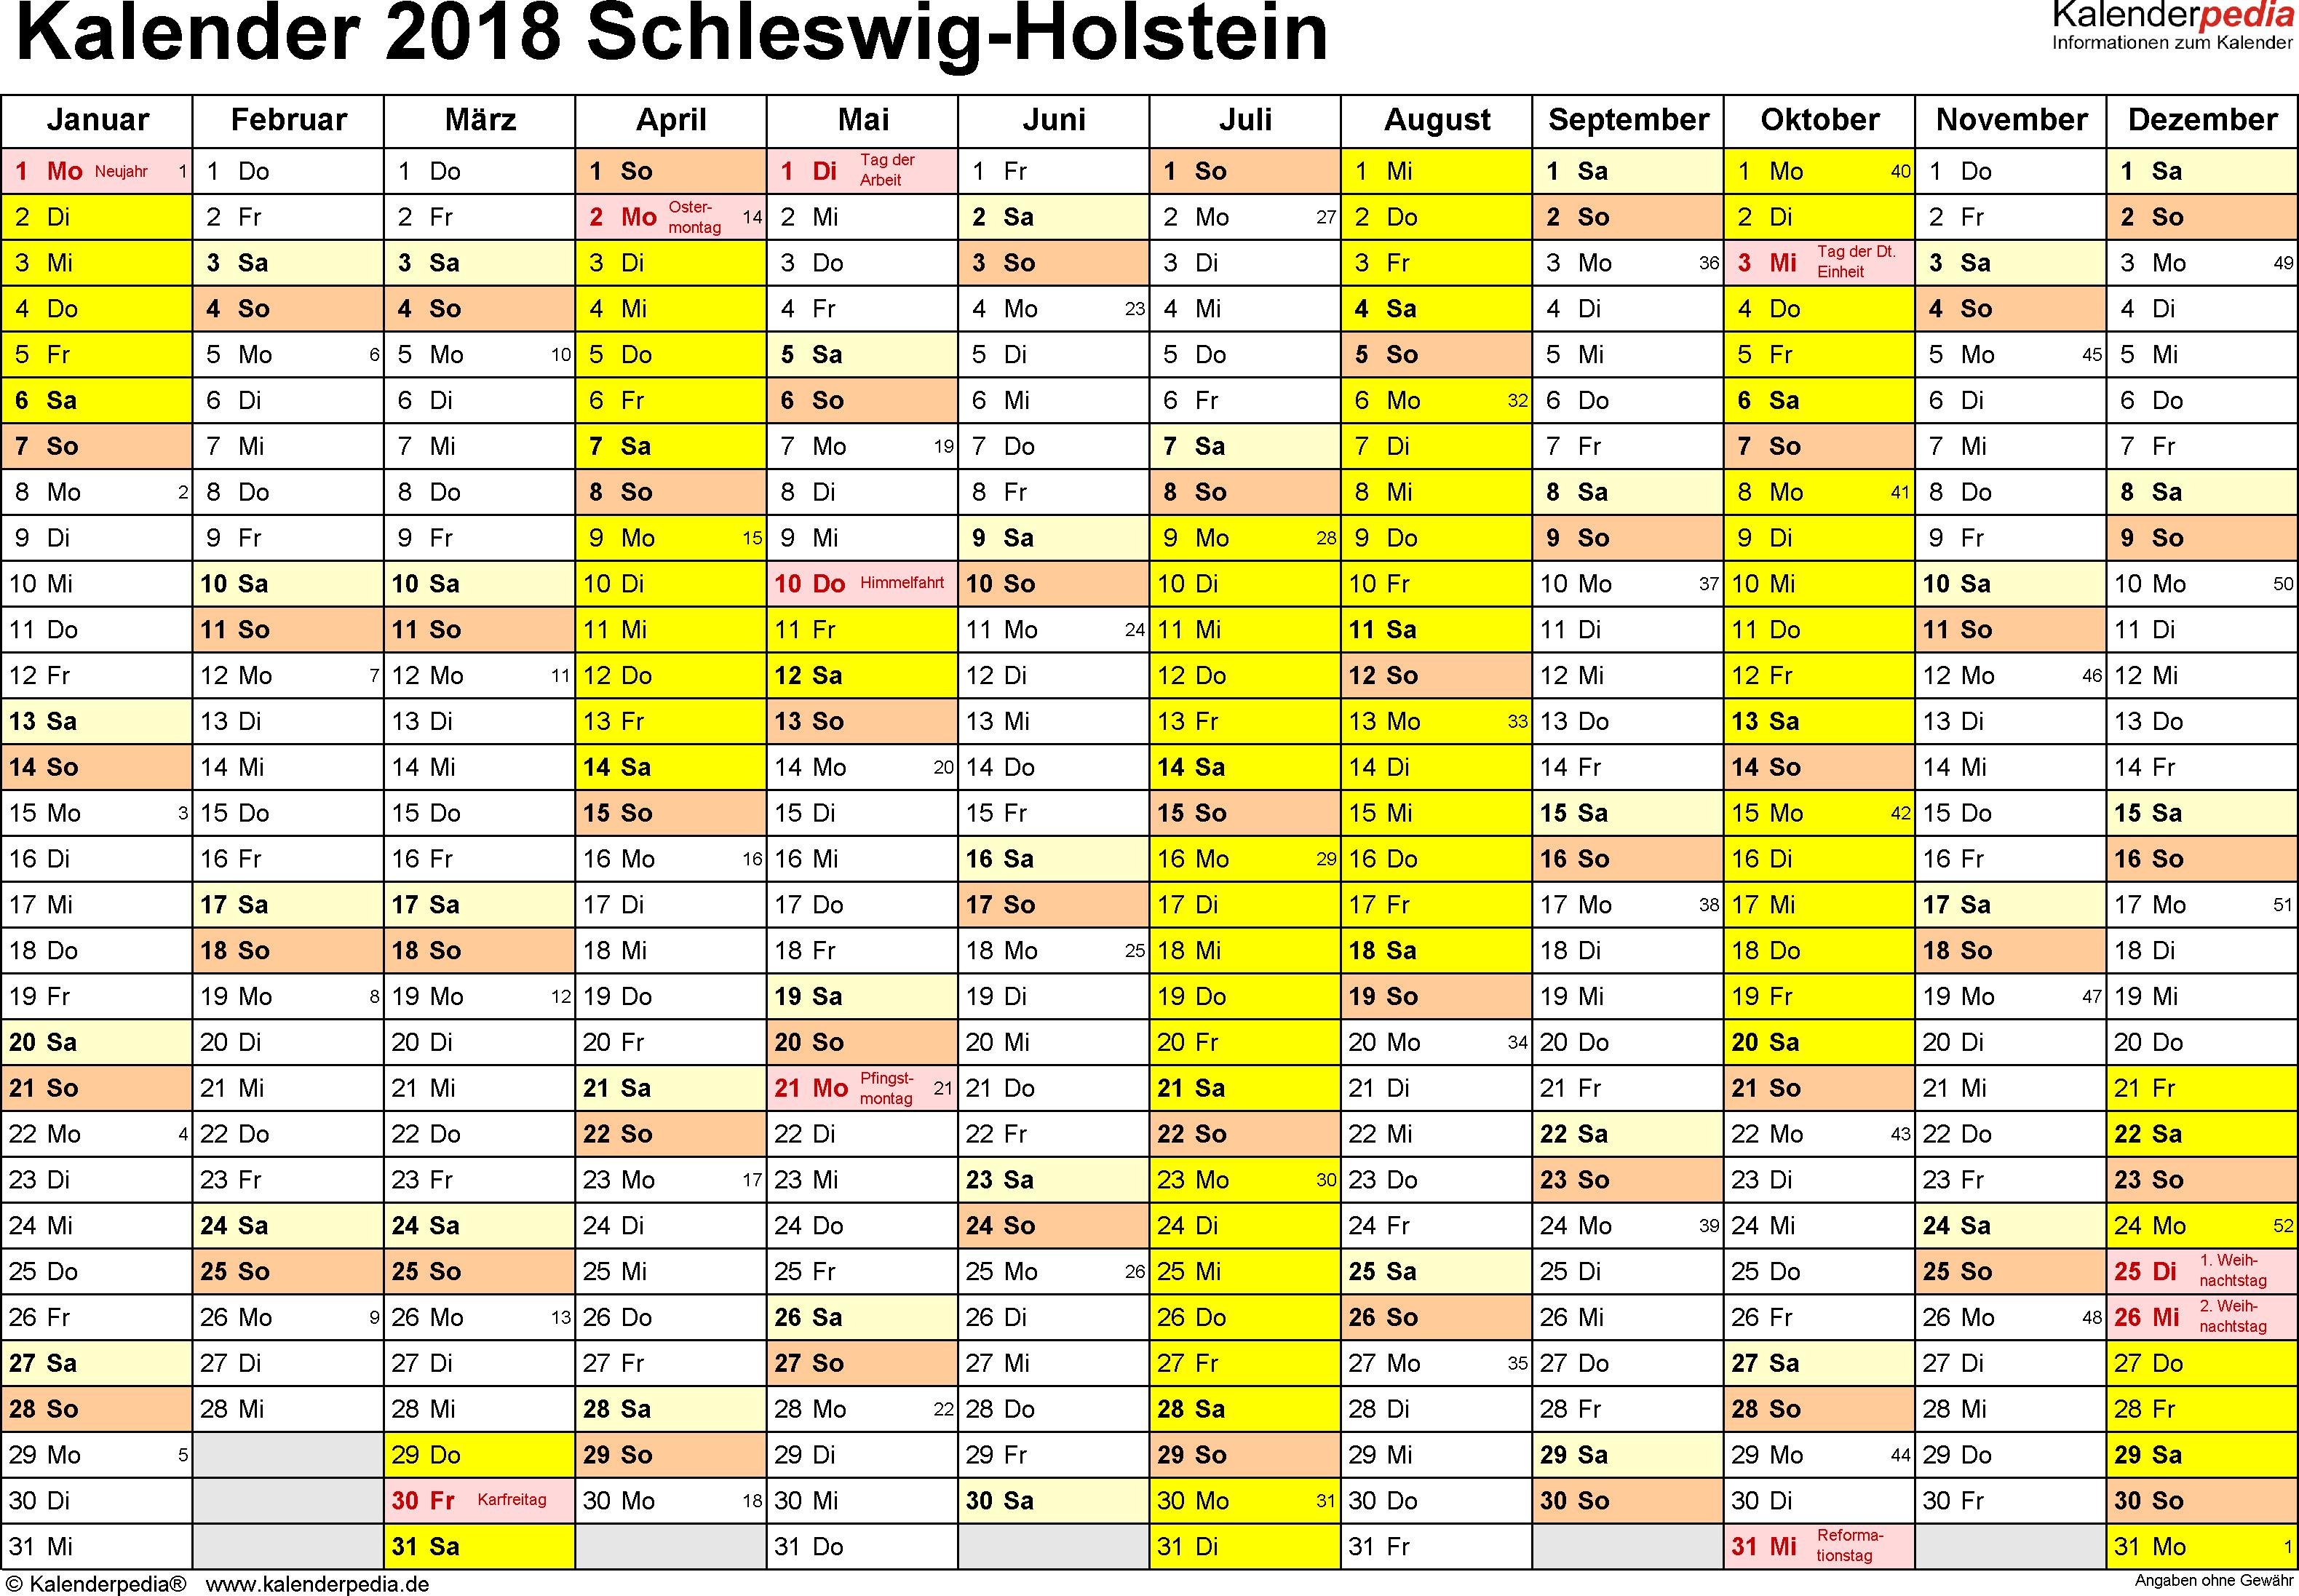 Vorlage 1: Kalender 2018 für Schleswig-Holstein als Excel-Vorlage (Querformat, 1 Seite)